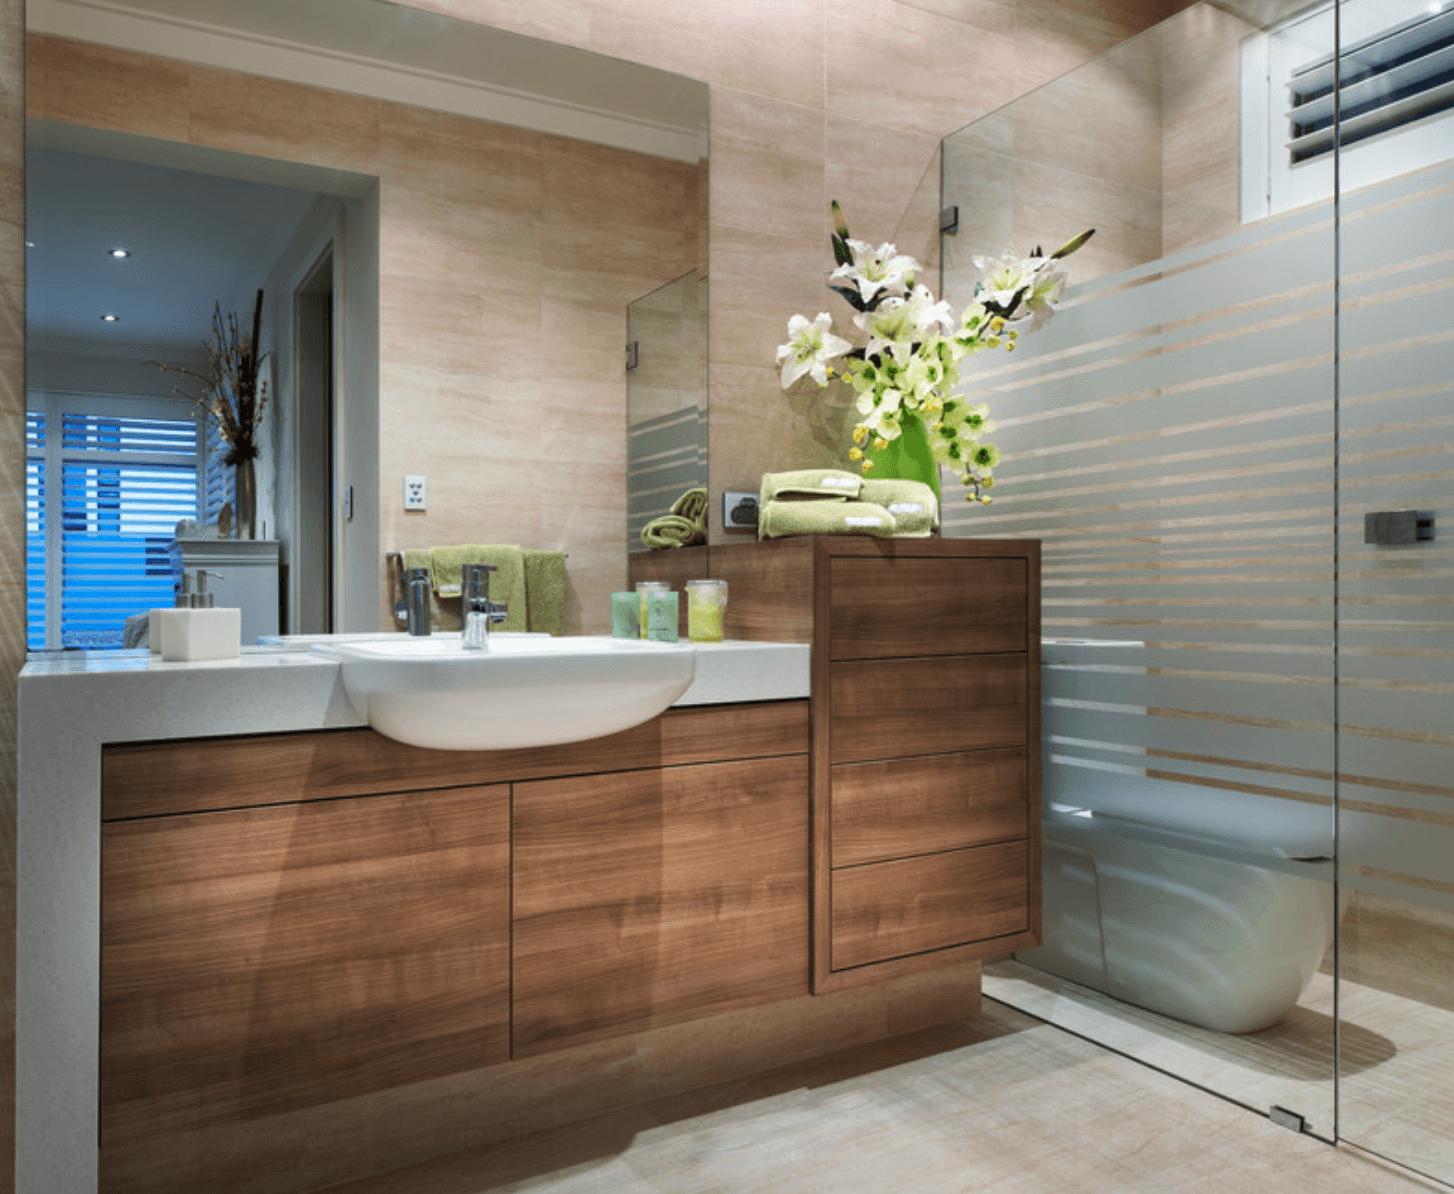 25 Banheiros Planejados  Arquidicas -> Armario De Banheiro Planejado Pequeno